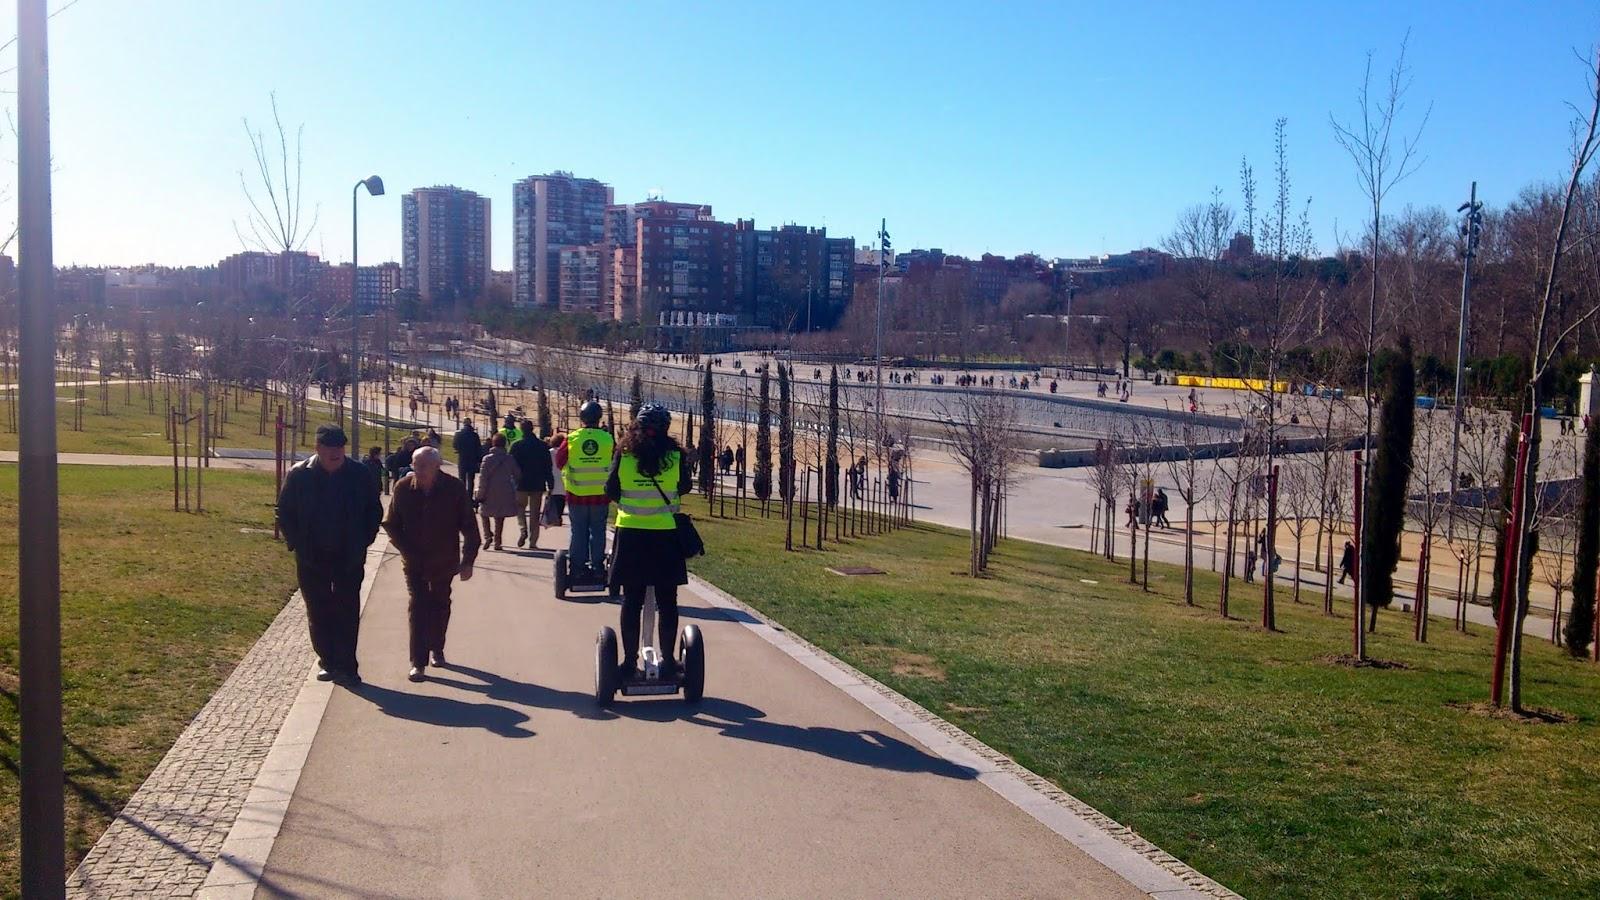 Conociendo Madrid Rio en Segway